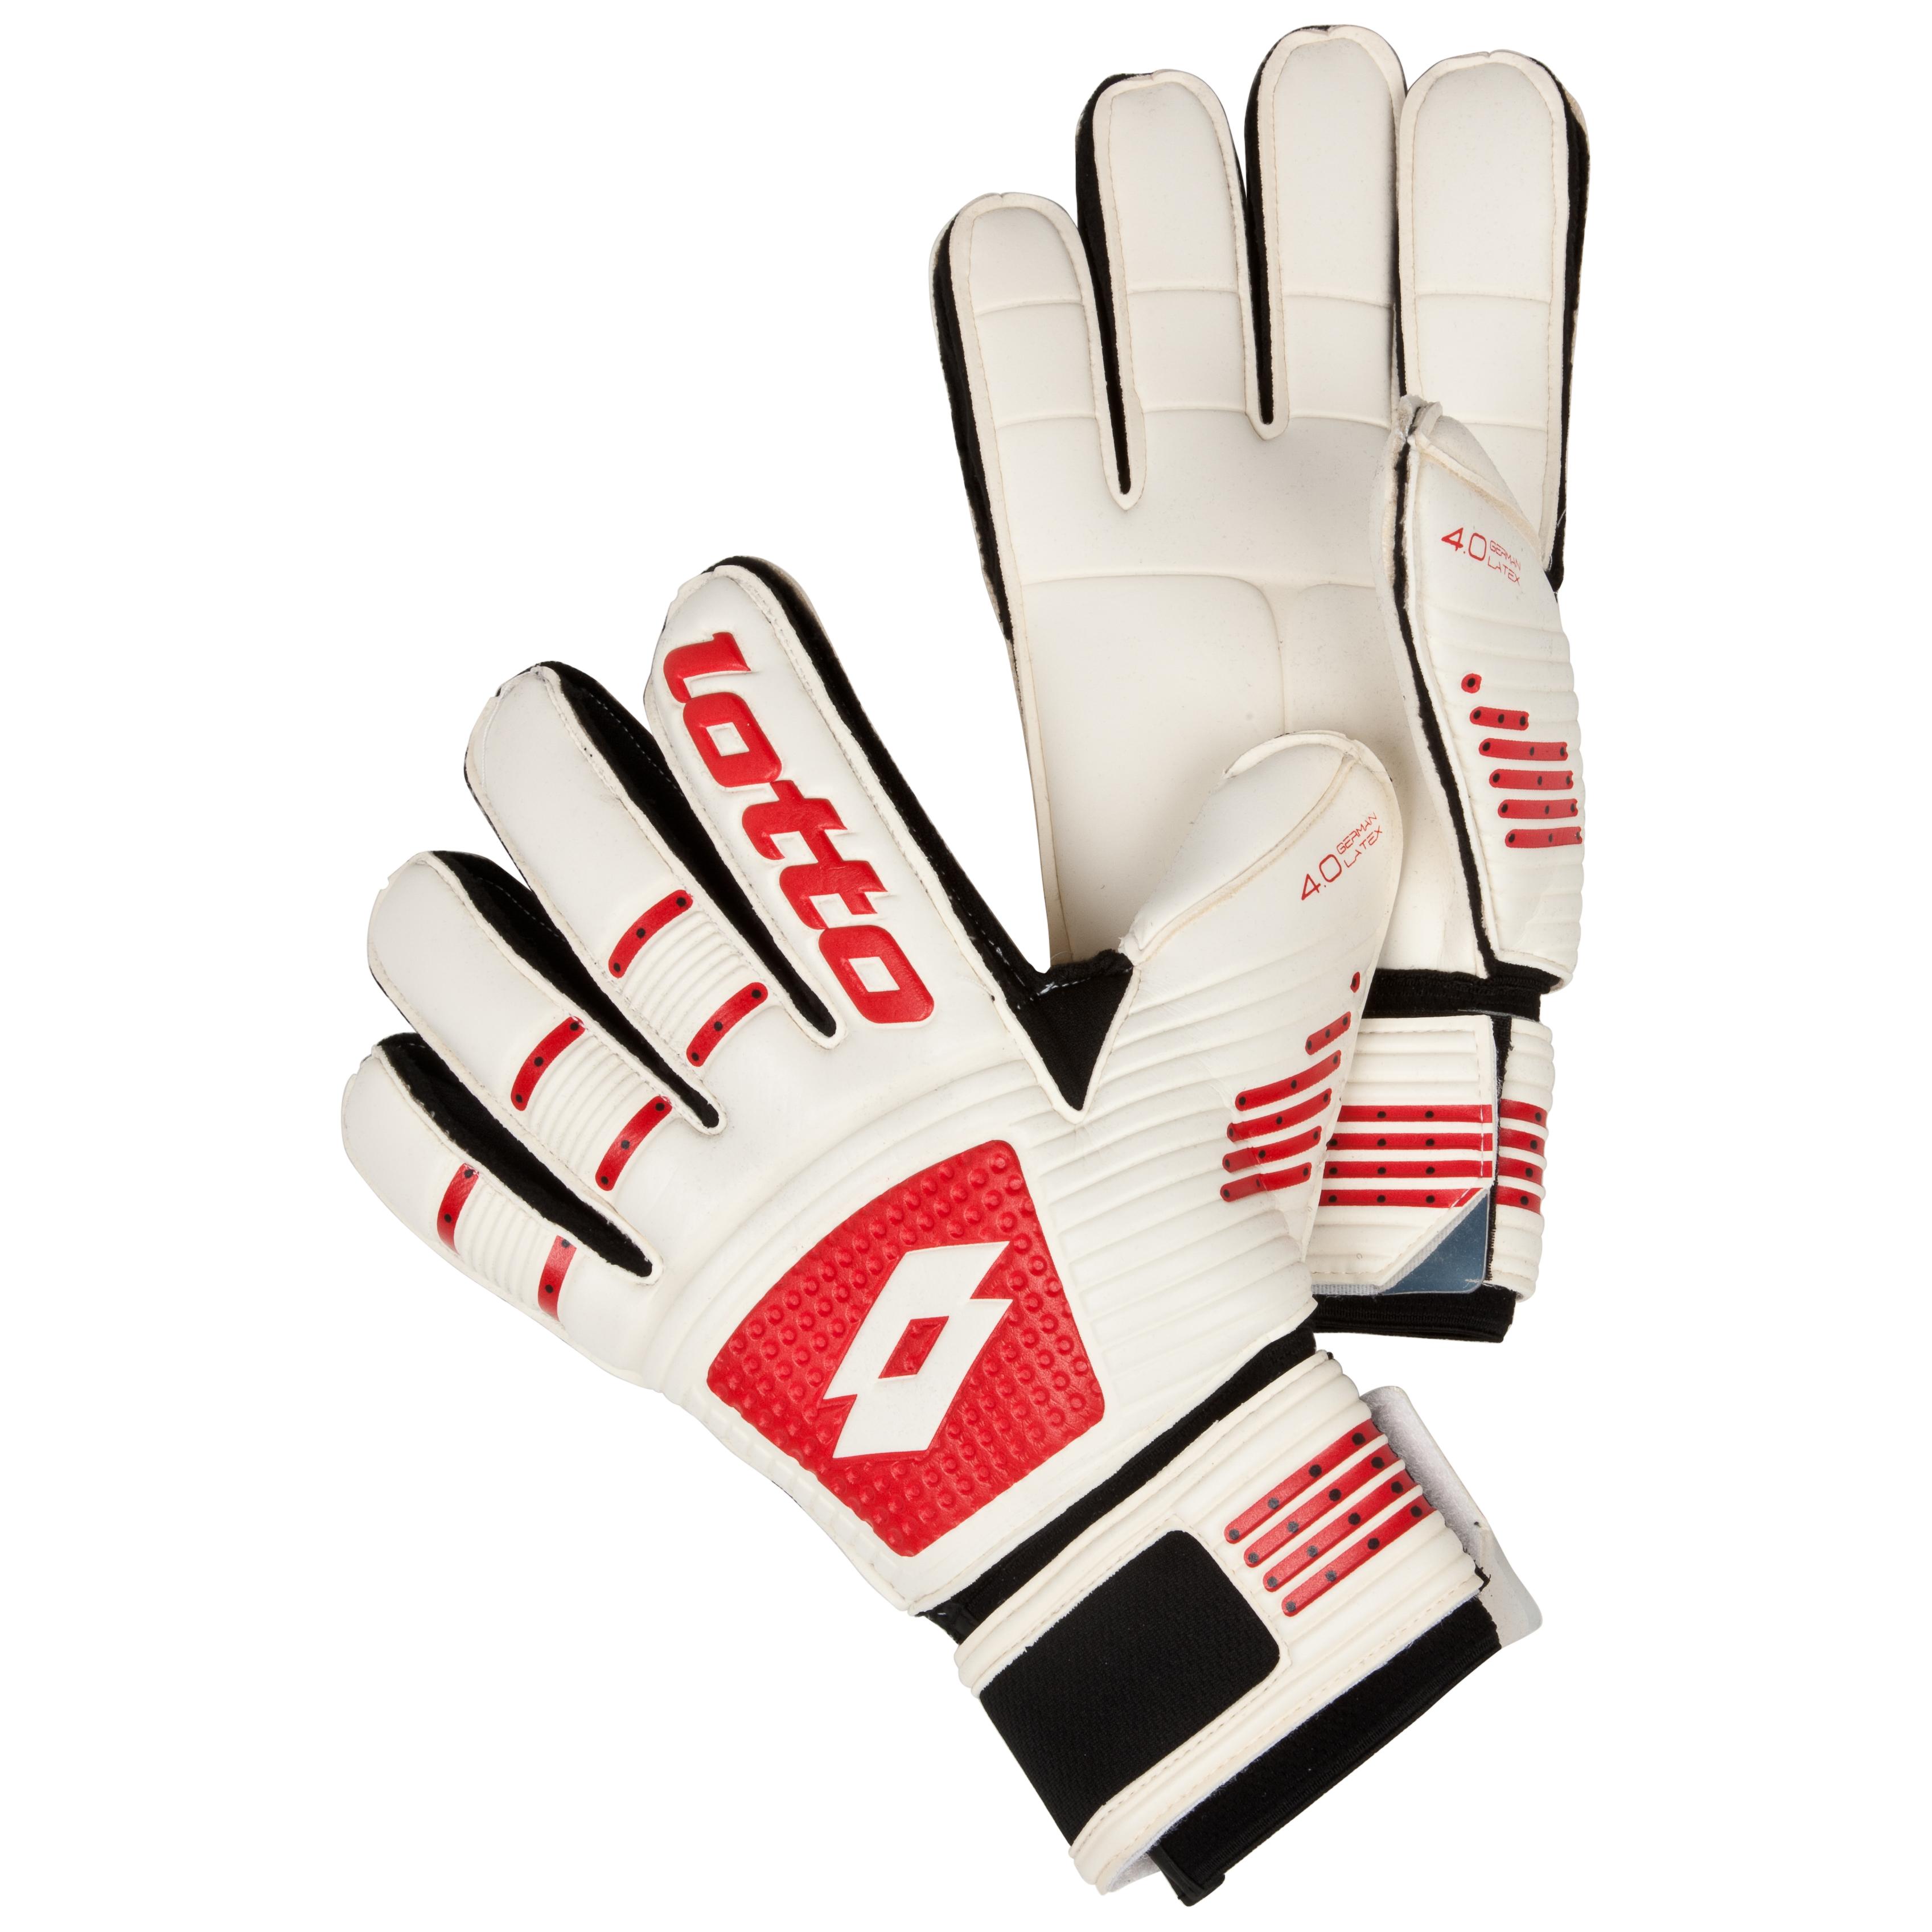 Lotto Gripster GK100 III Goalkeeper Gloves-White/Risk Red